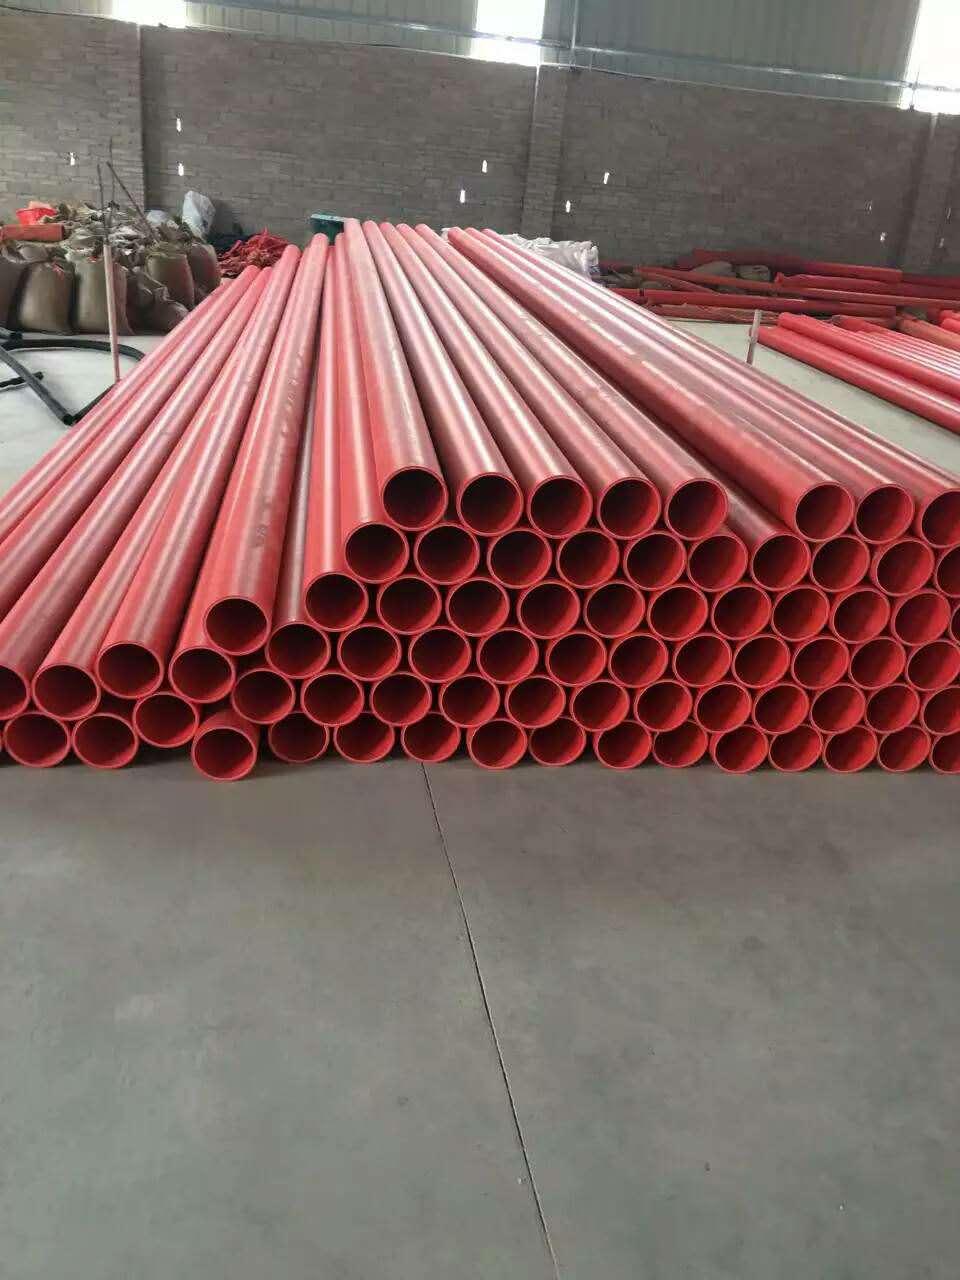 漳州地区玻璃钢电力保护管市场分析